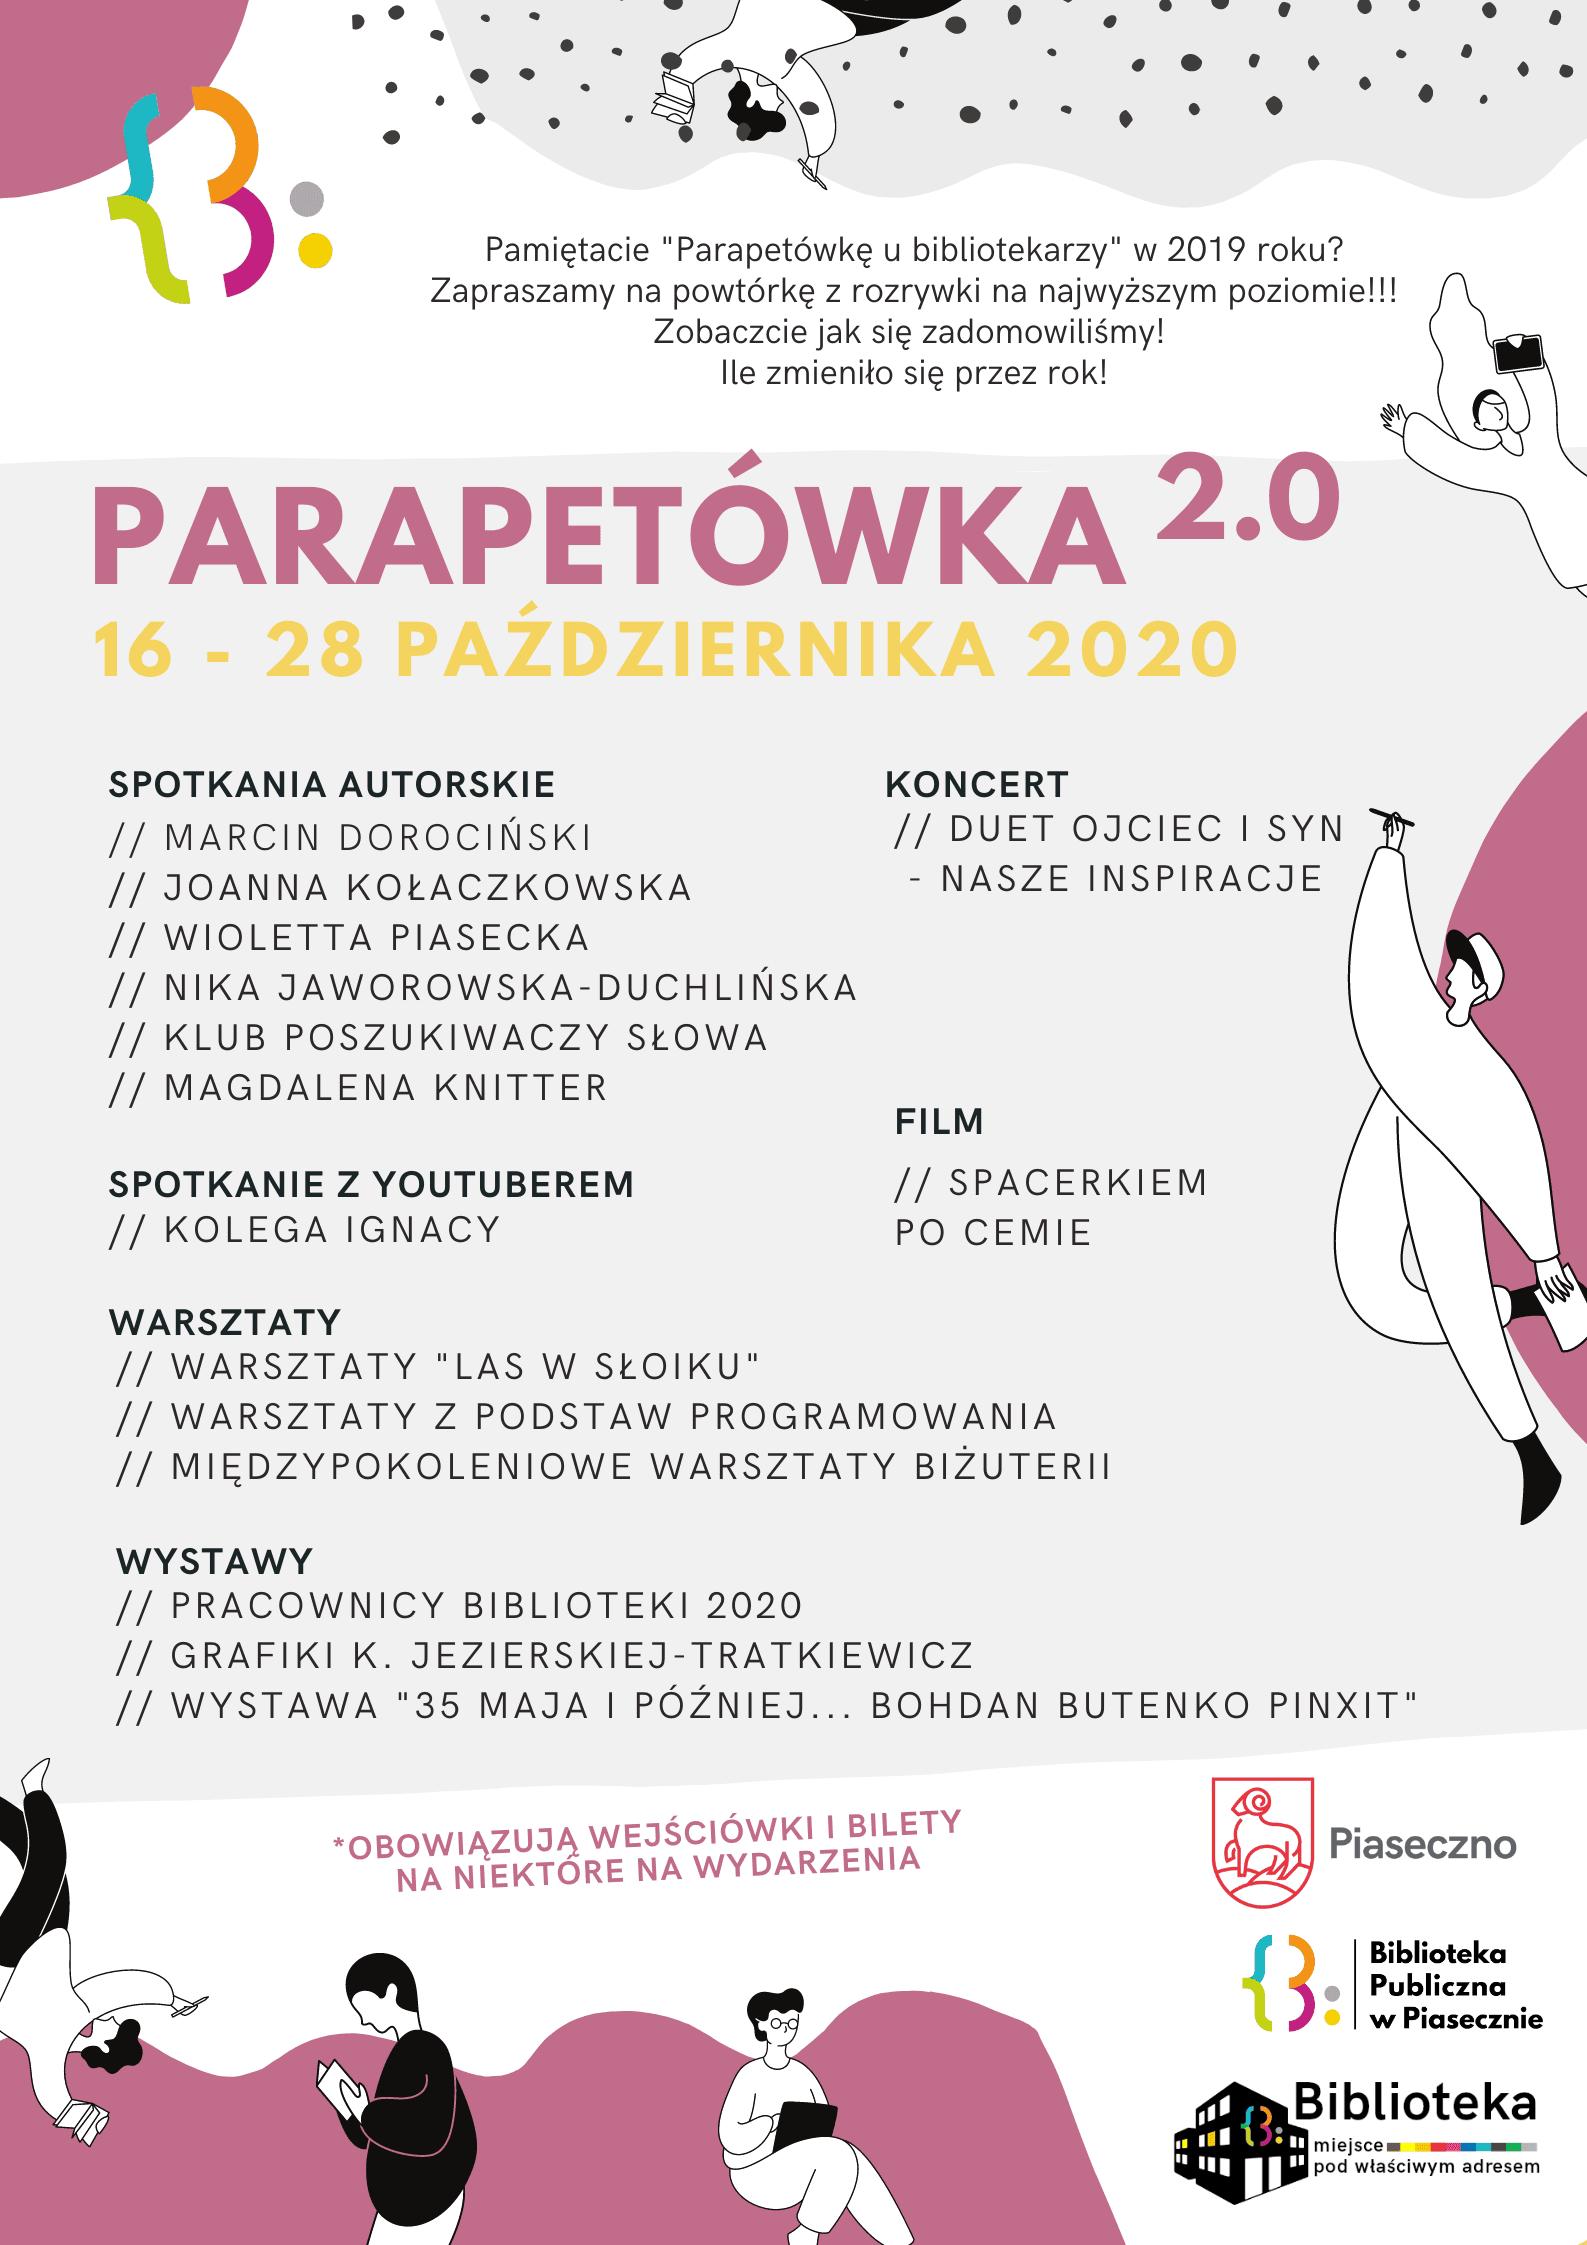 Parapetówka 2.0 - Plan wydarzenia